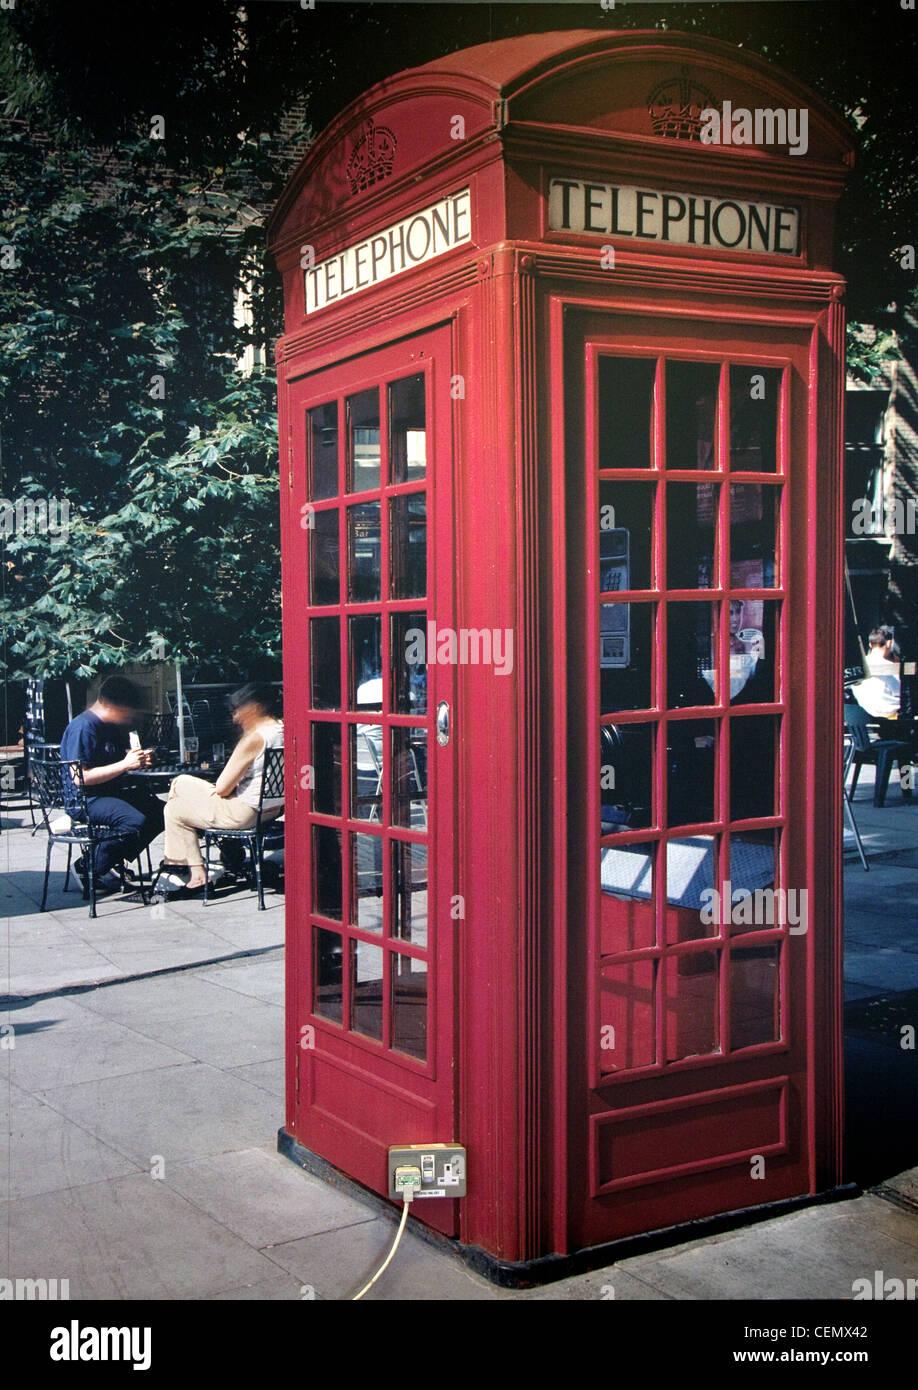 Glasgow Airport Phone box plug Poster Red Telephone Scotland,England,UK,gotonysmith,tony,smith,plug,trailing,13,amp,surreal,london,telephone,box,BT,surrealist,joke,13amp,gotonysmith,Buy Pictures of,Buy Images Of